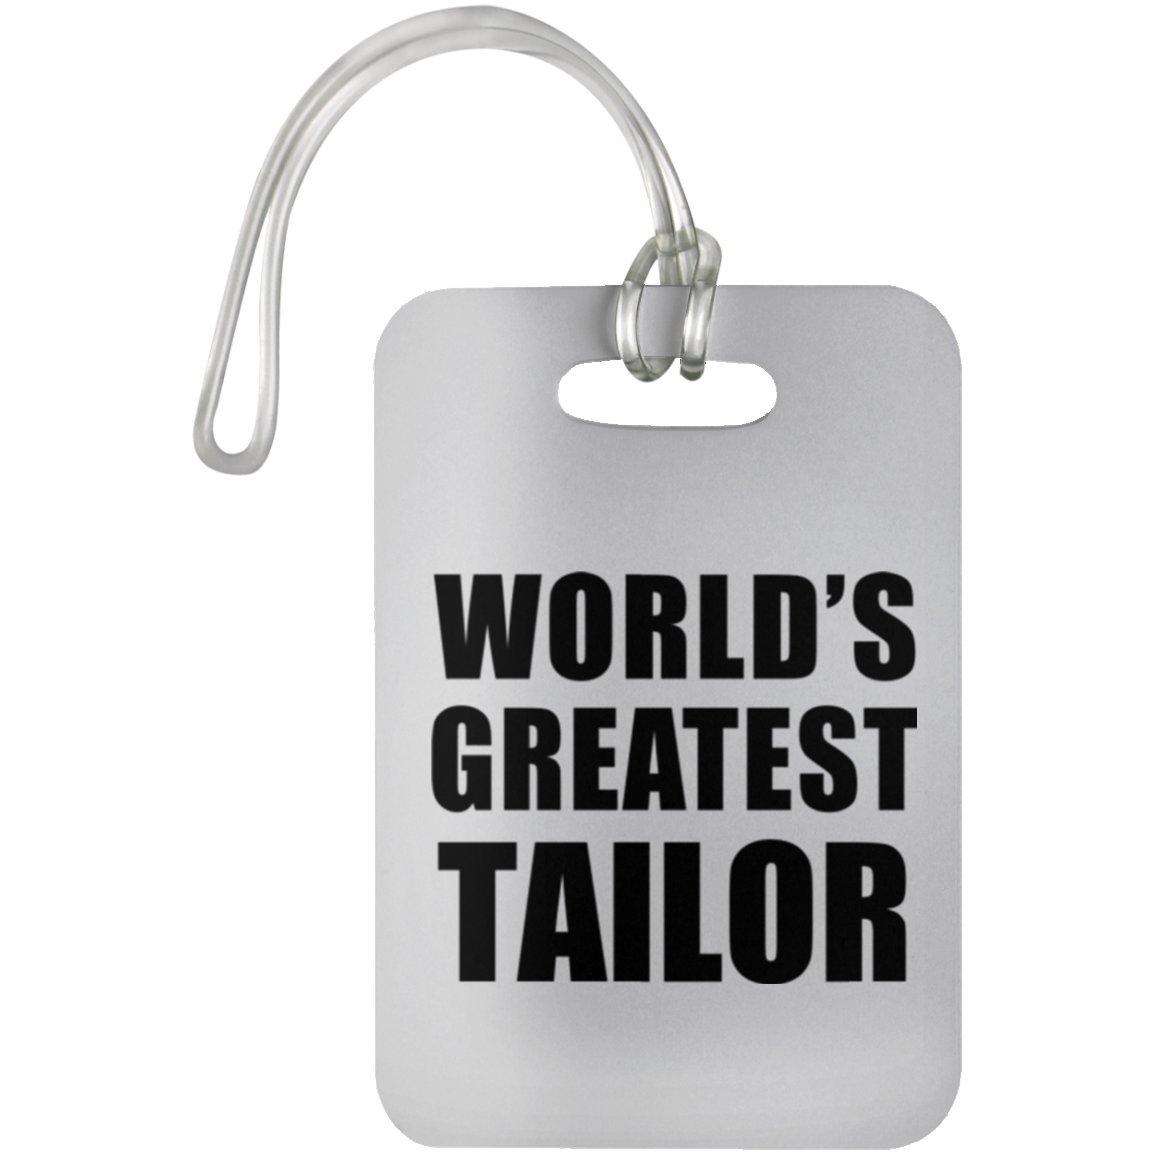 Designsify Worlds Greatest Tailor - Luggage Tag Étiquette de Valise Croisière Valise Baguage - Cadeau pour Anniversaire Fête des Mères Fête des Pères Pâques